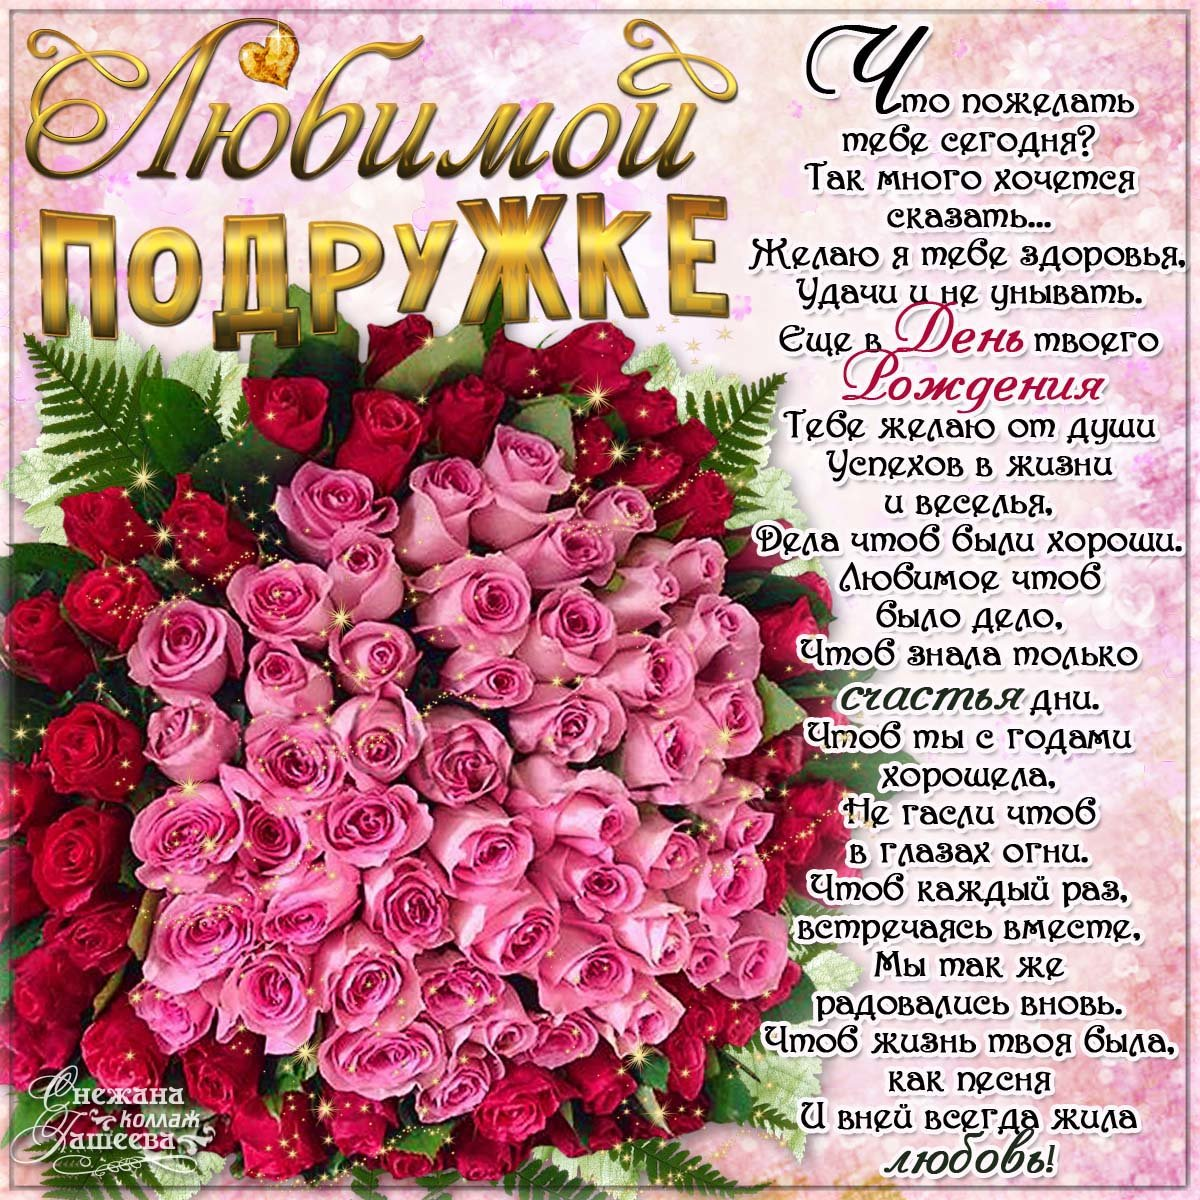 Поздравление с днём рождения женщине в стихах шуточное красивые